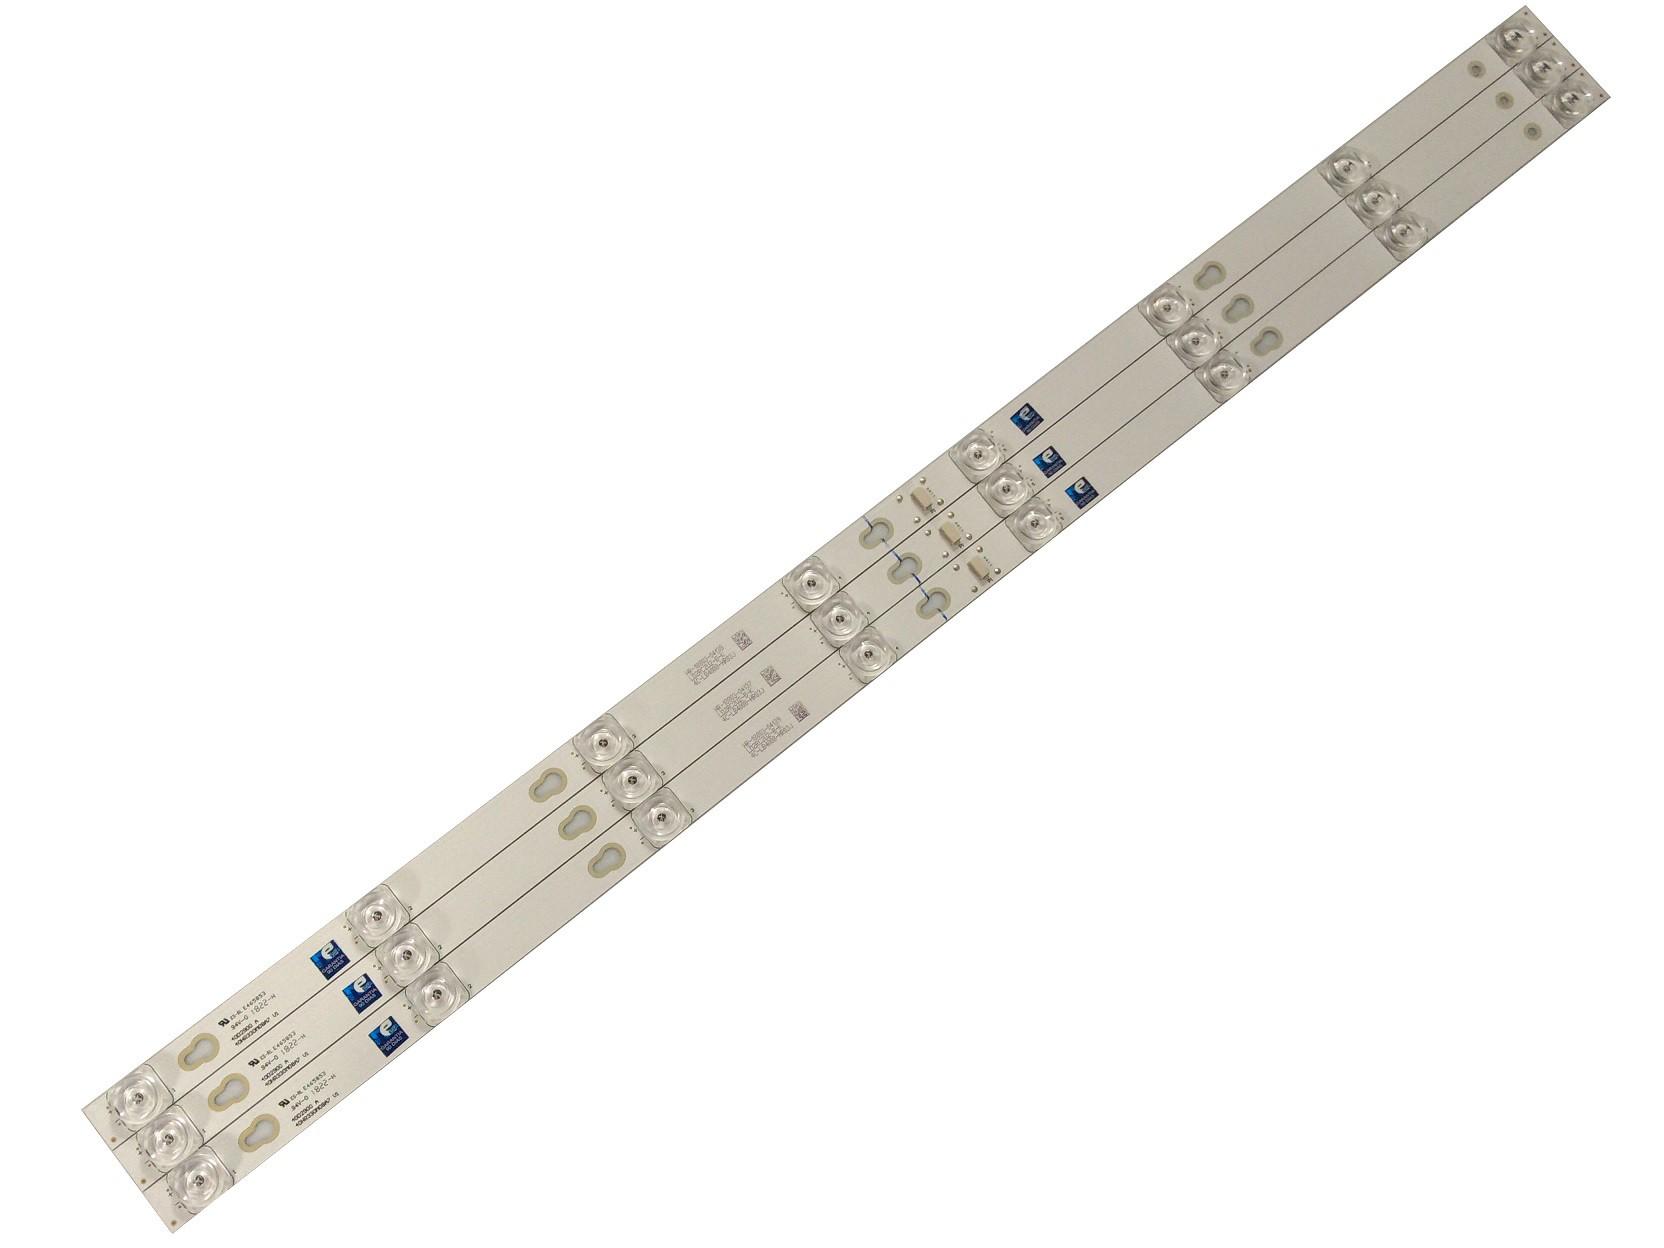 KIT BARRA DE LED TOSHIBA L40S4900FS (CUIDADO COM O TAMANHO DA BARRA)